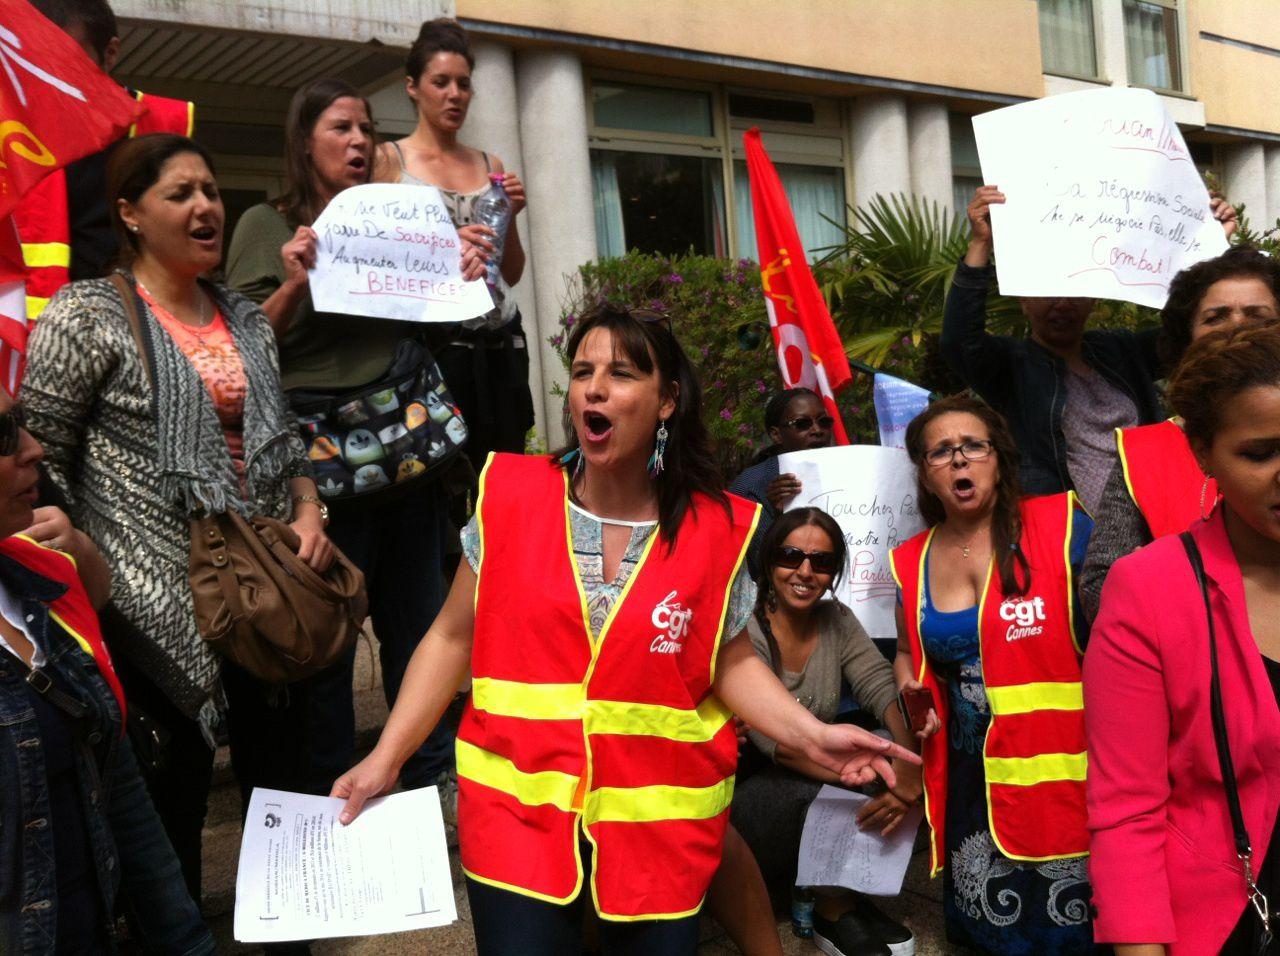 Korian/Medica: restez mobilisé-es, c'était juste l'apéro!!!